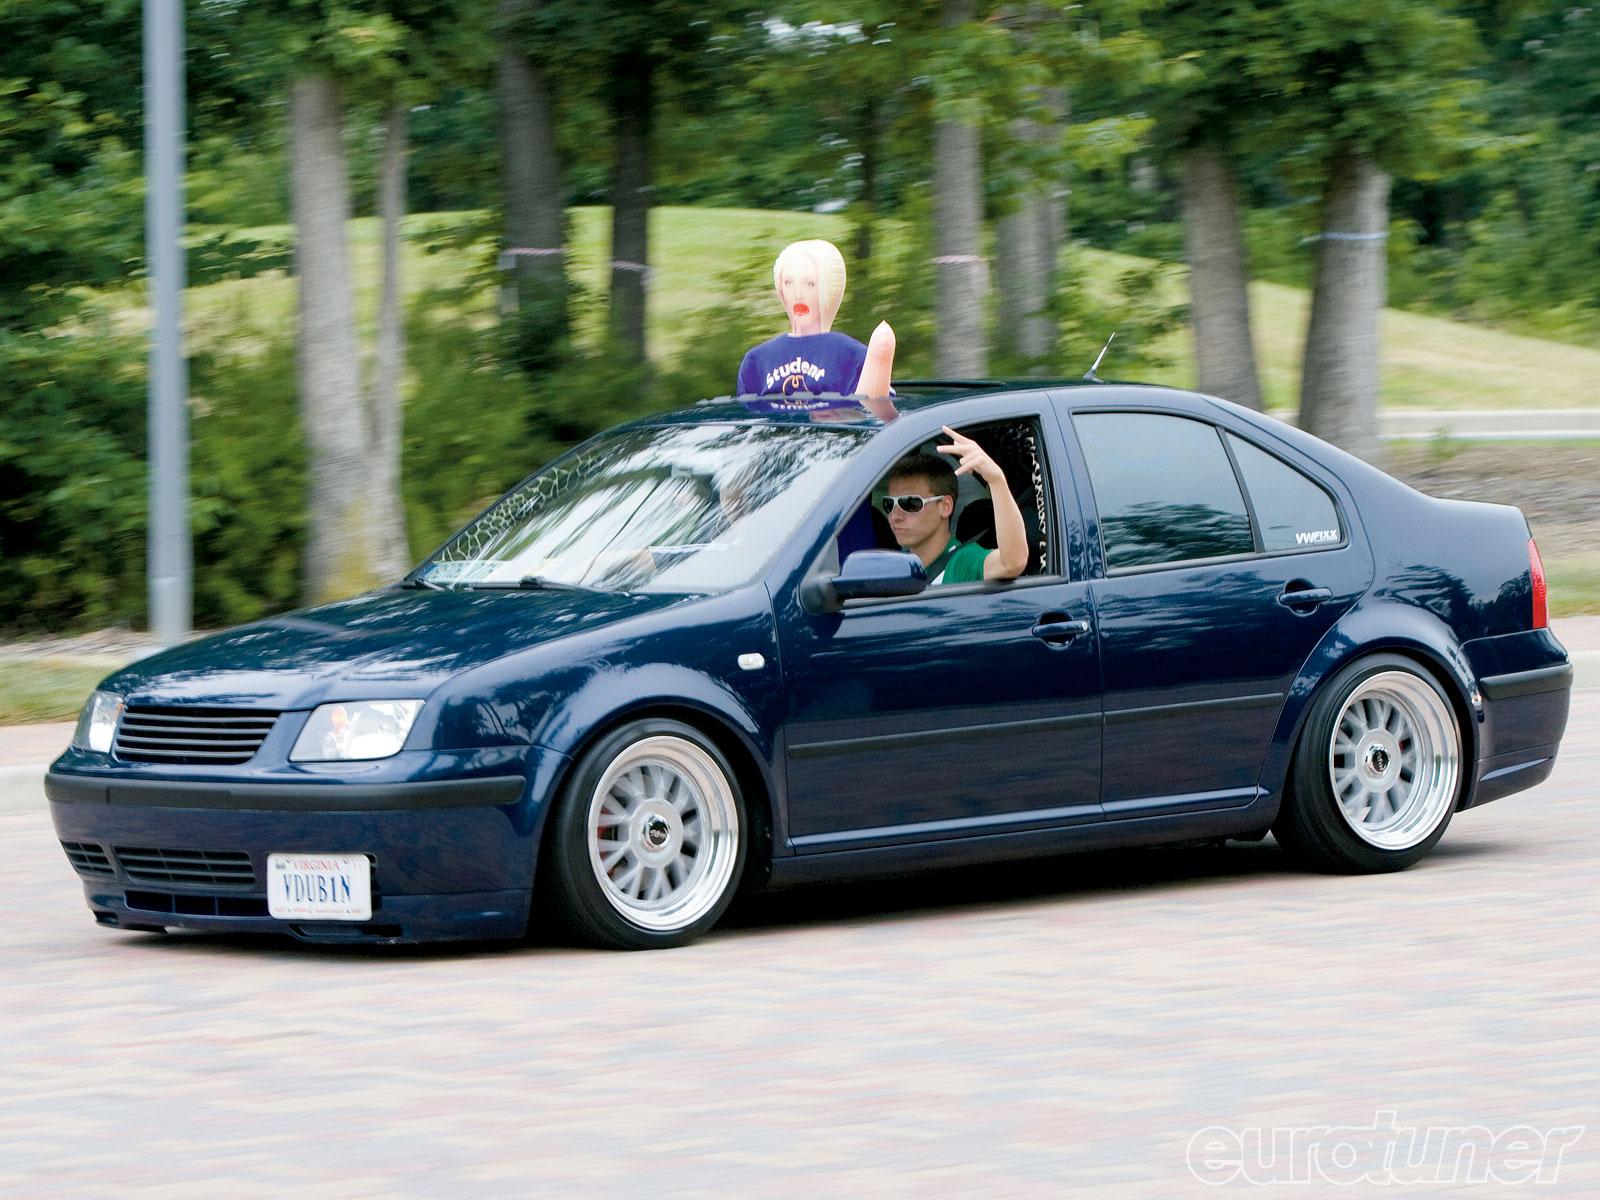 2000 volkswagen jetta - image #10